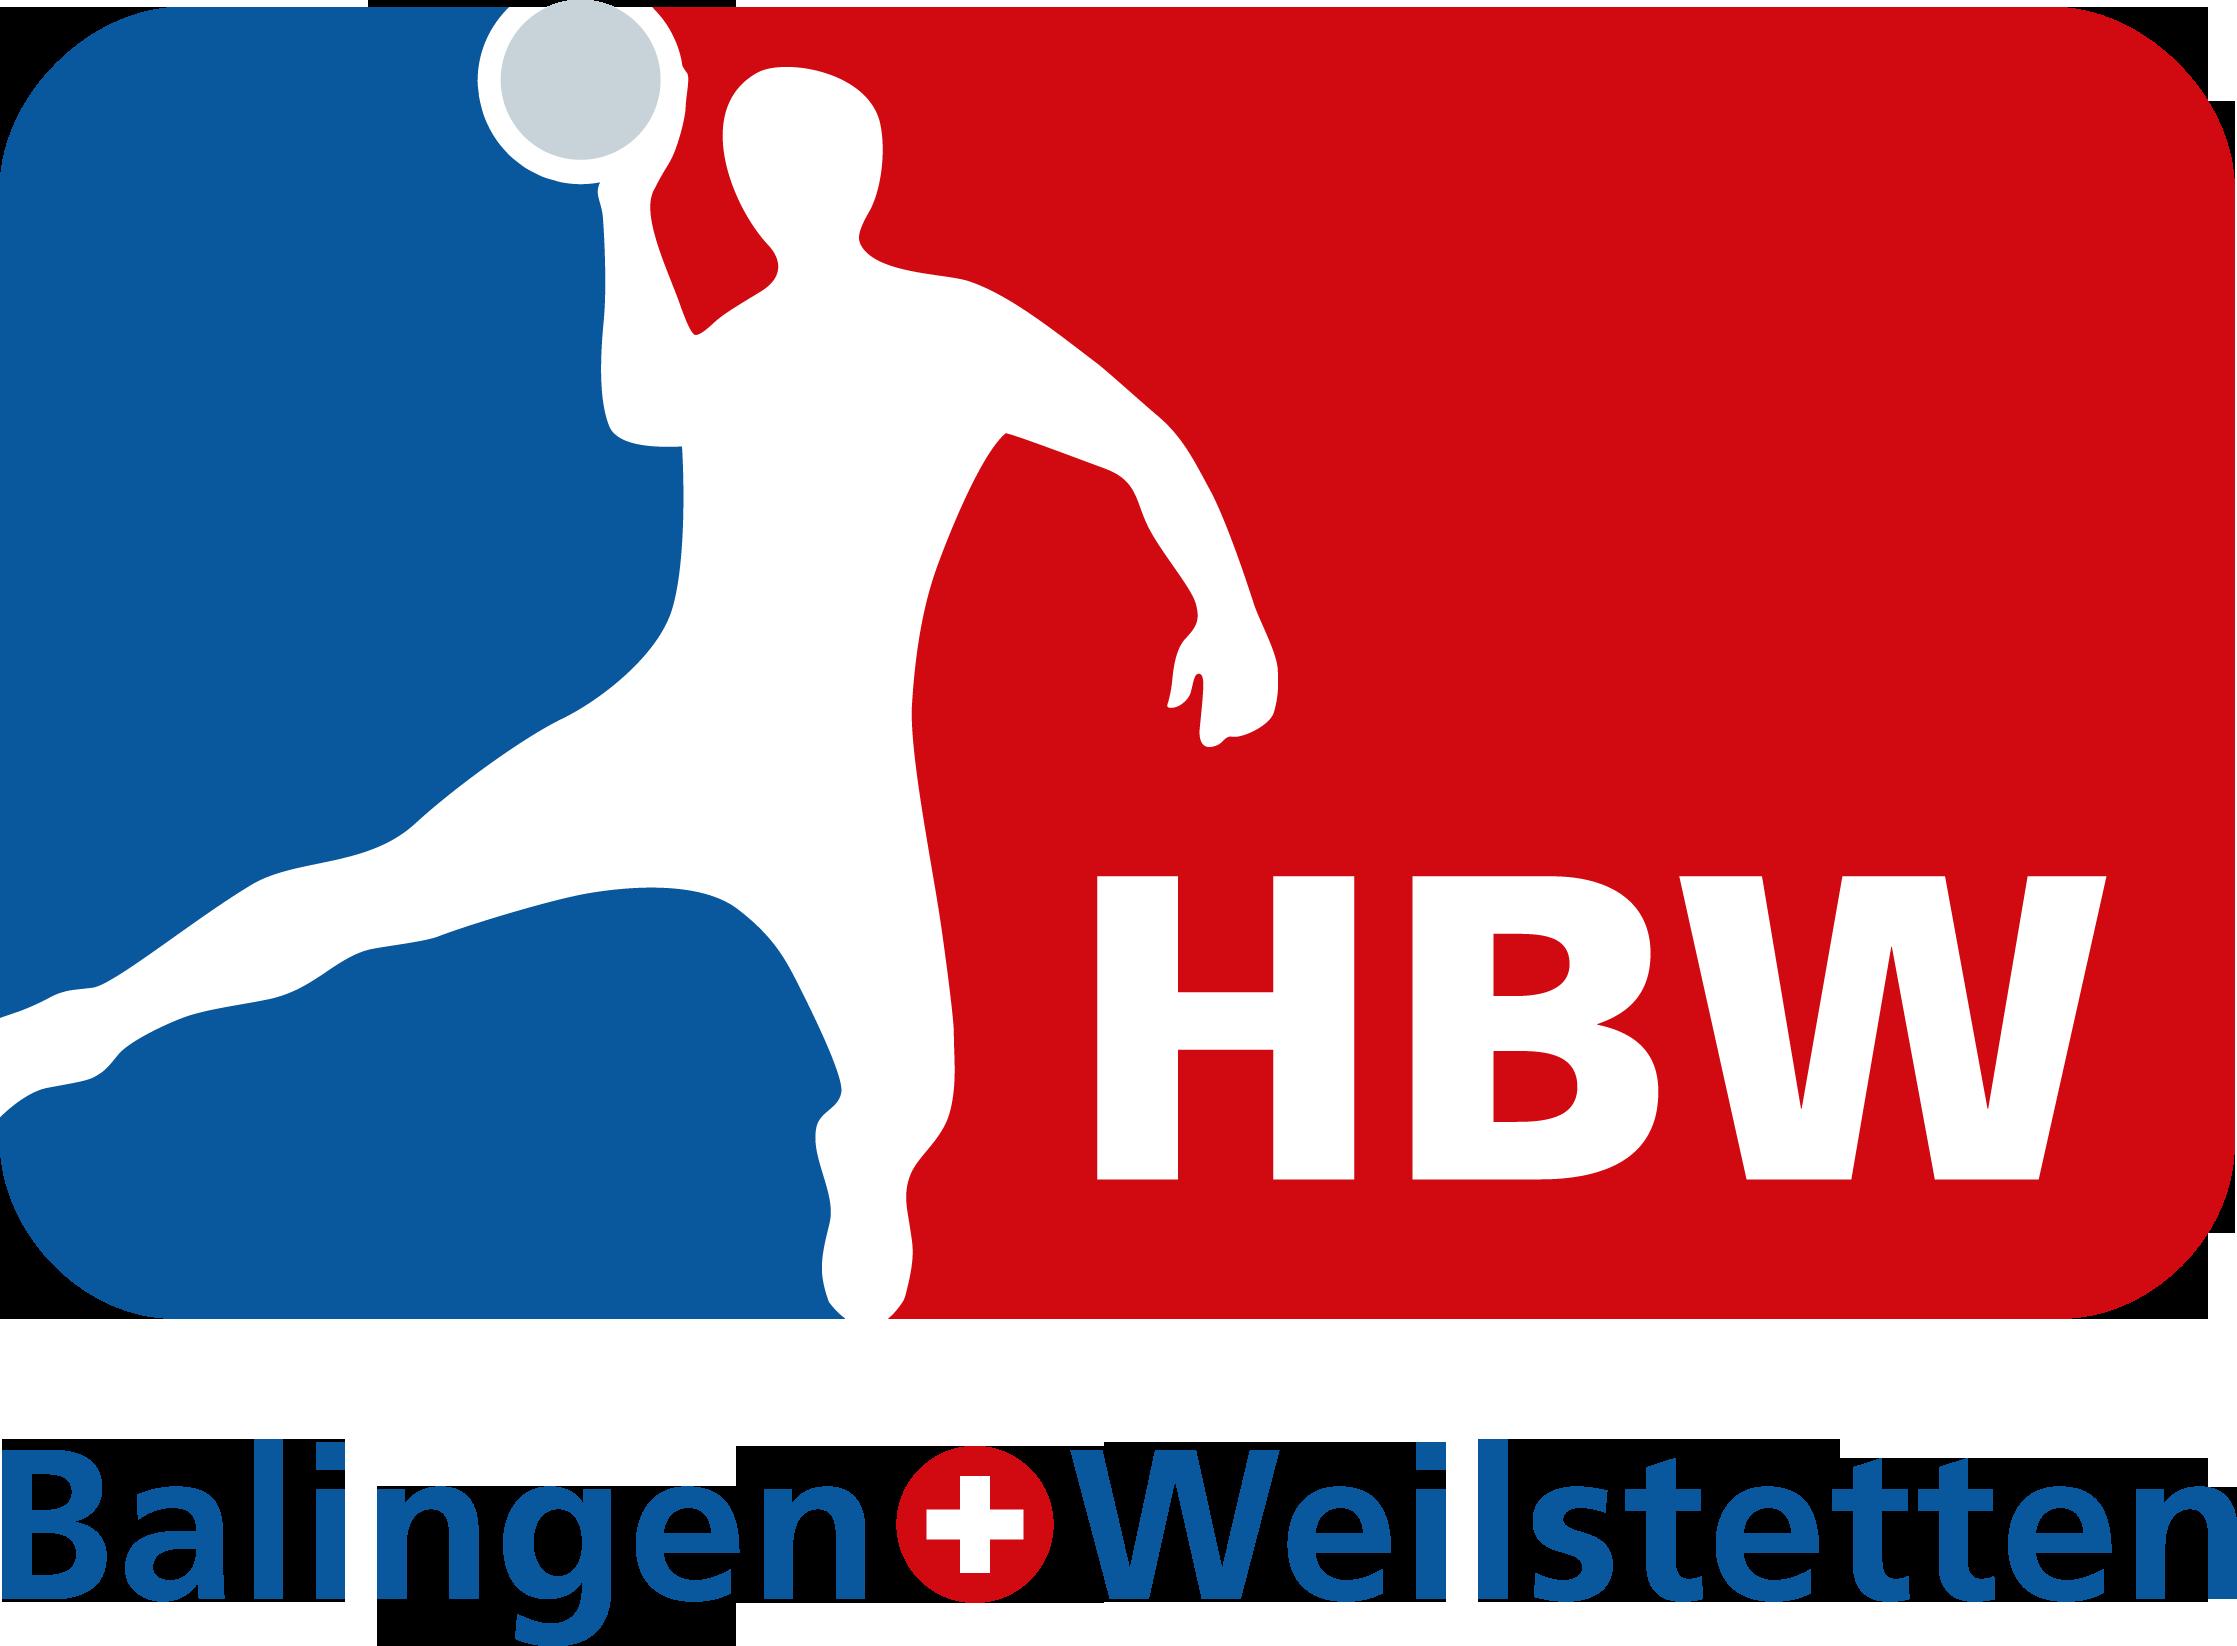 HBW-Balingen-Weilstetten-Logo